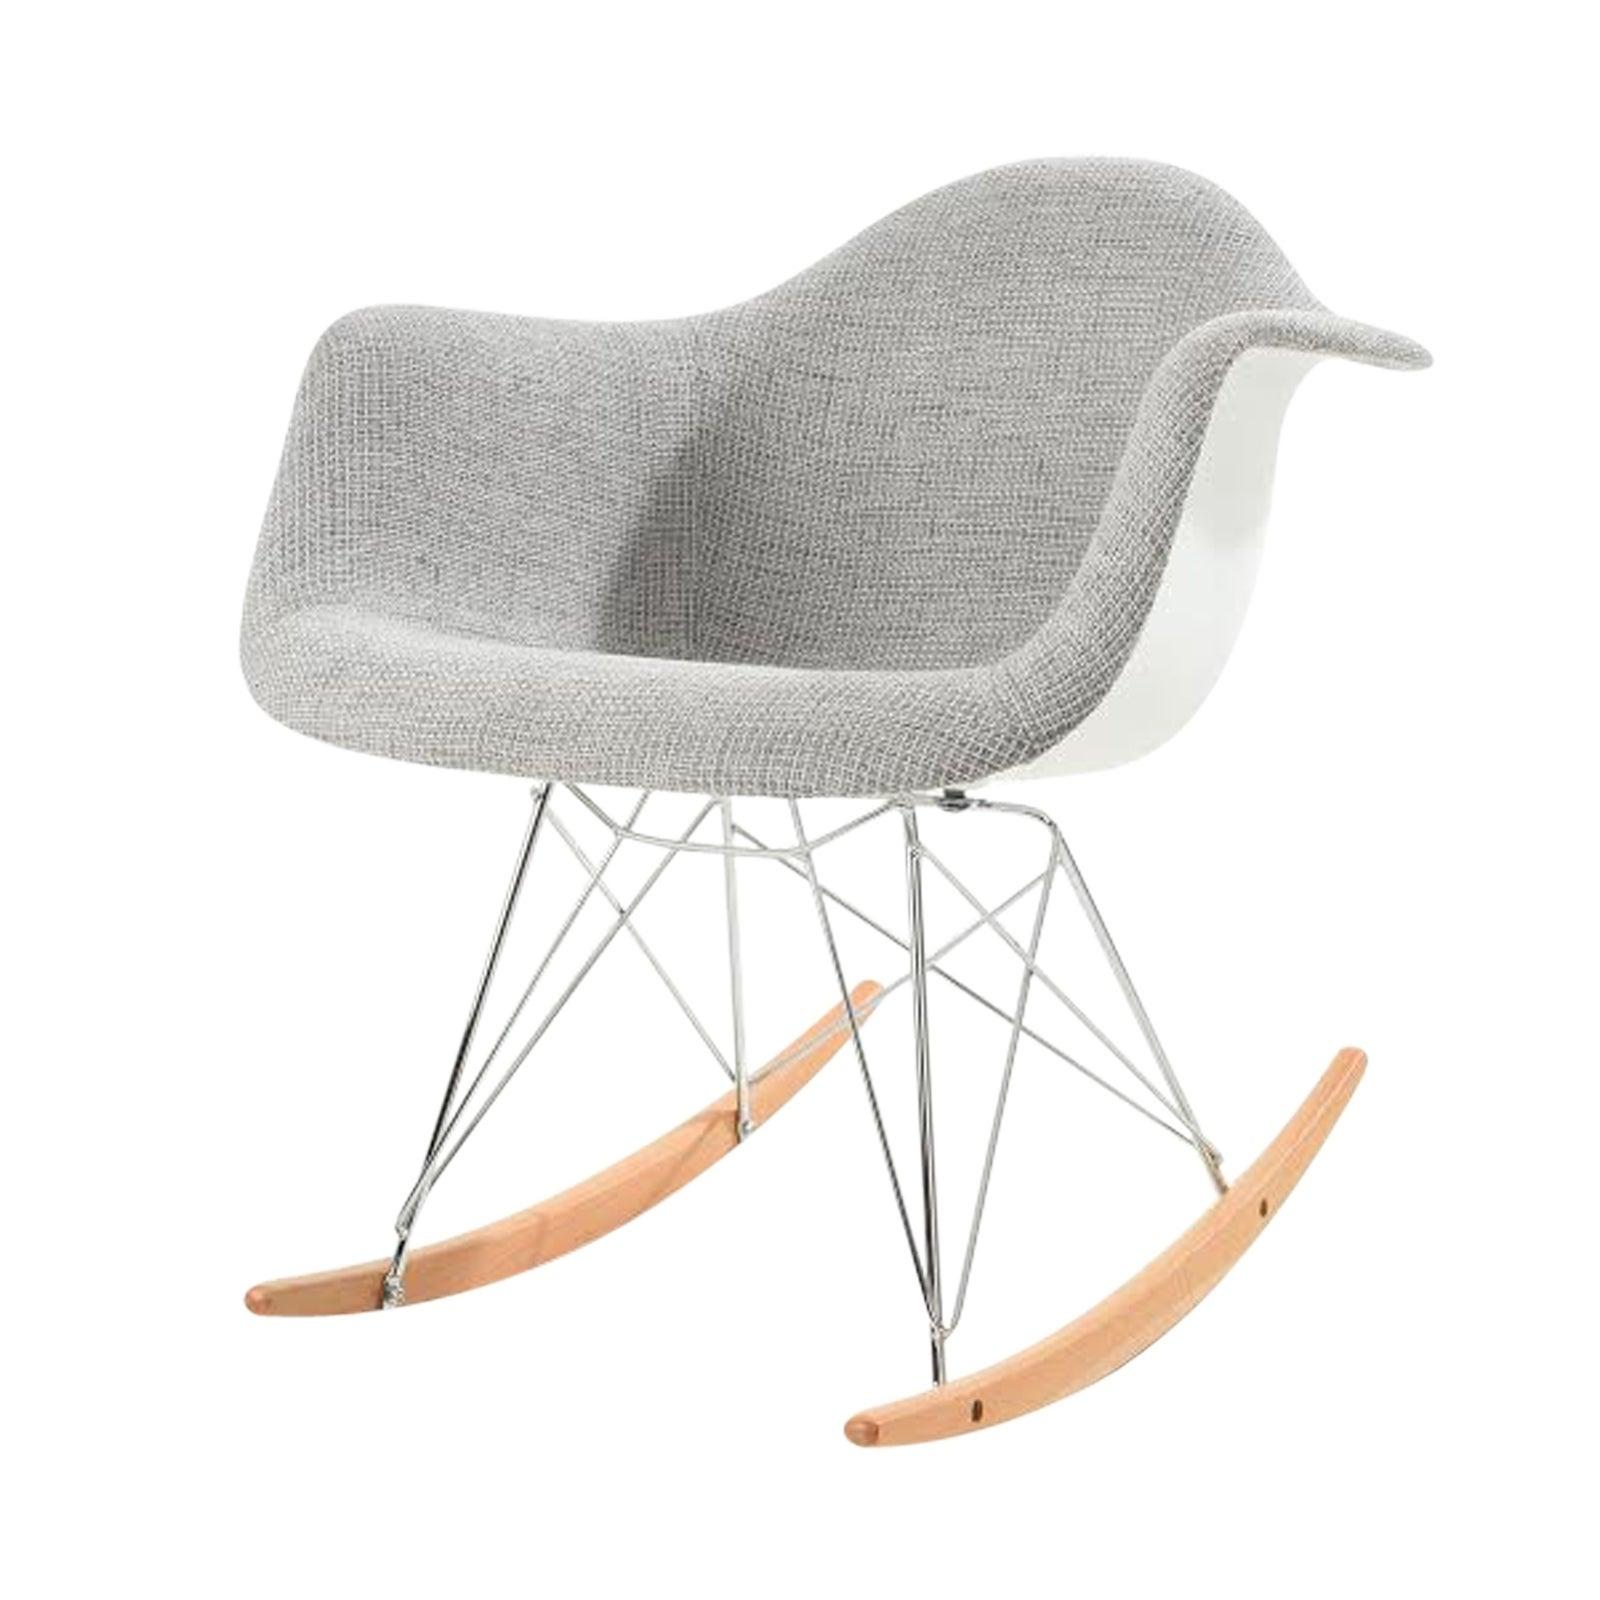 Leisuremod Wilson Twill Fabric Grey Rocking Chair W/ Eiffel Legs With Regard To Twill Fabric Multi Rocking Chairs With Eiffel Legs (View 2 of 20)